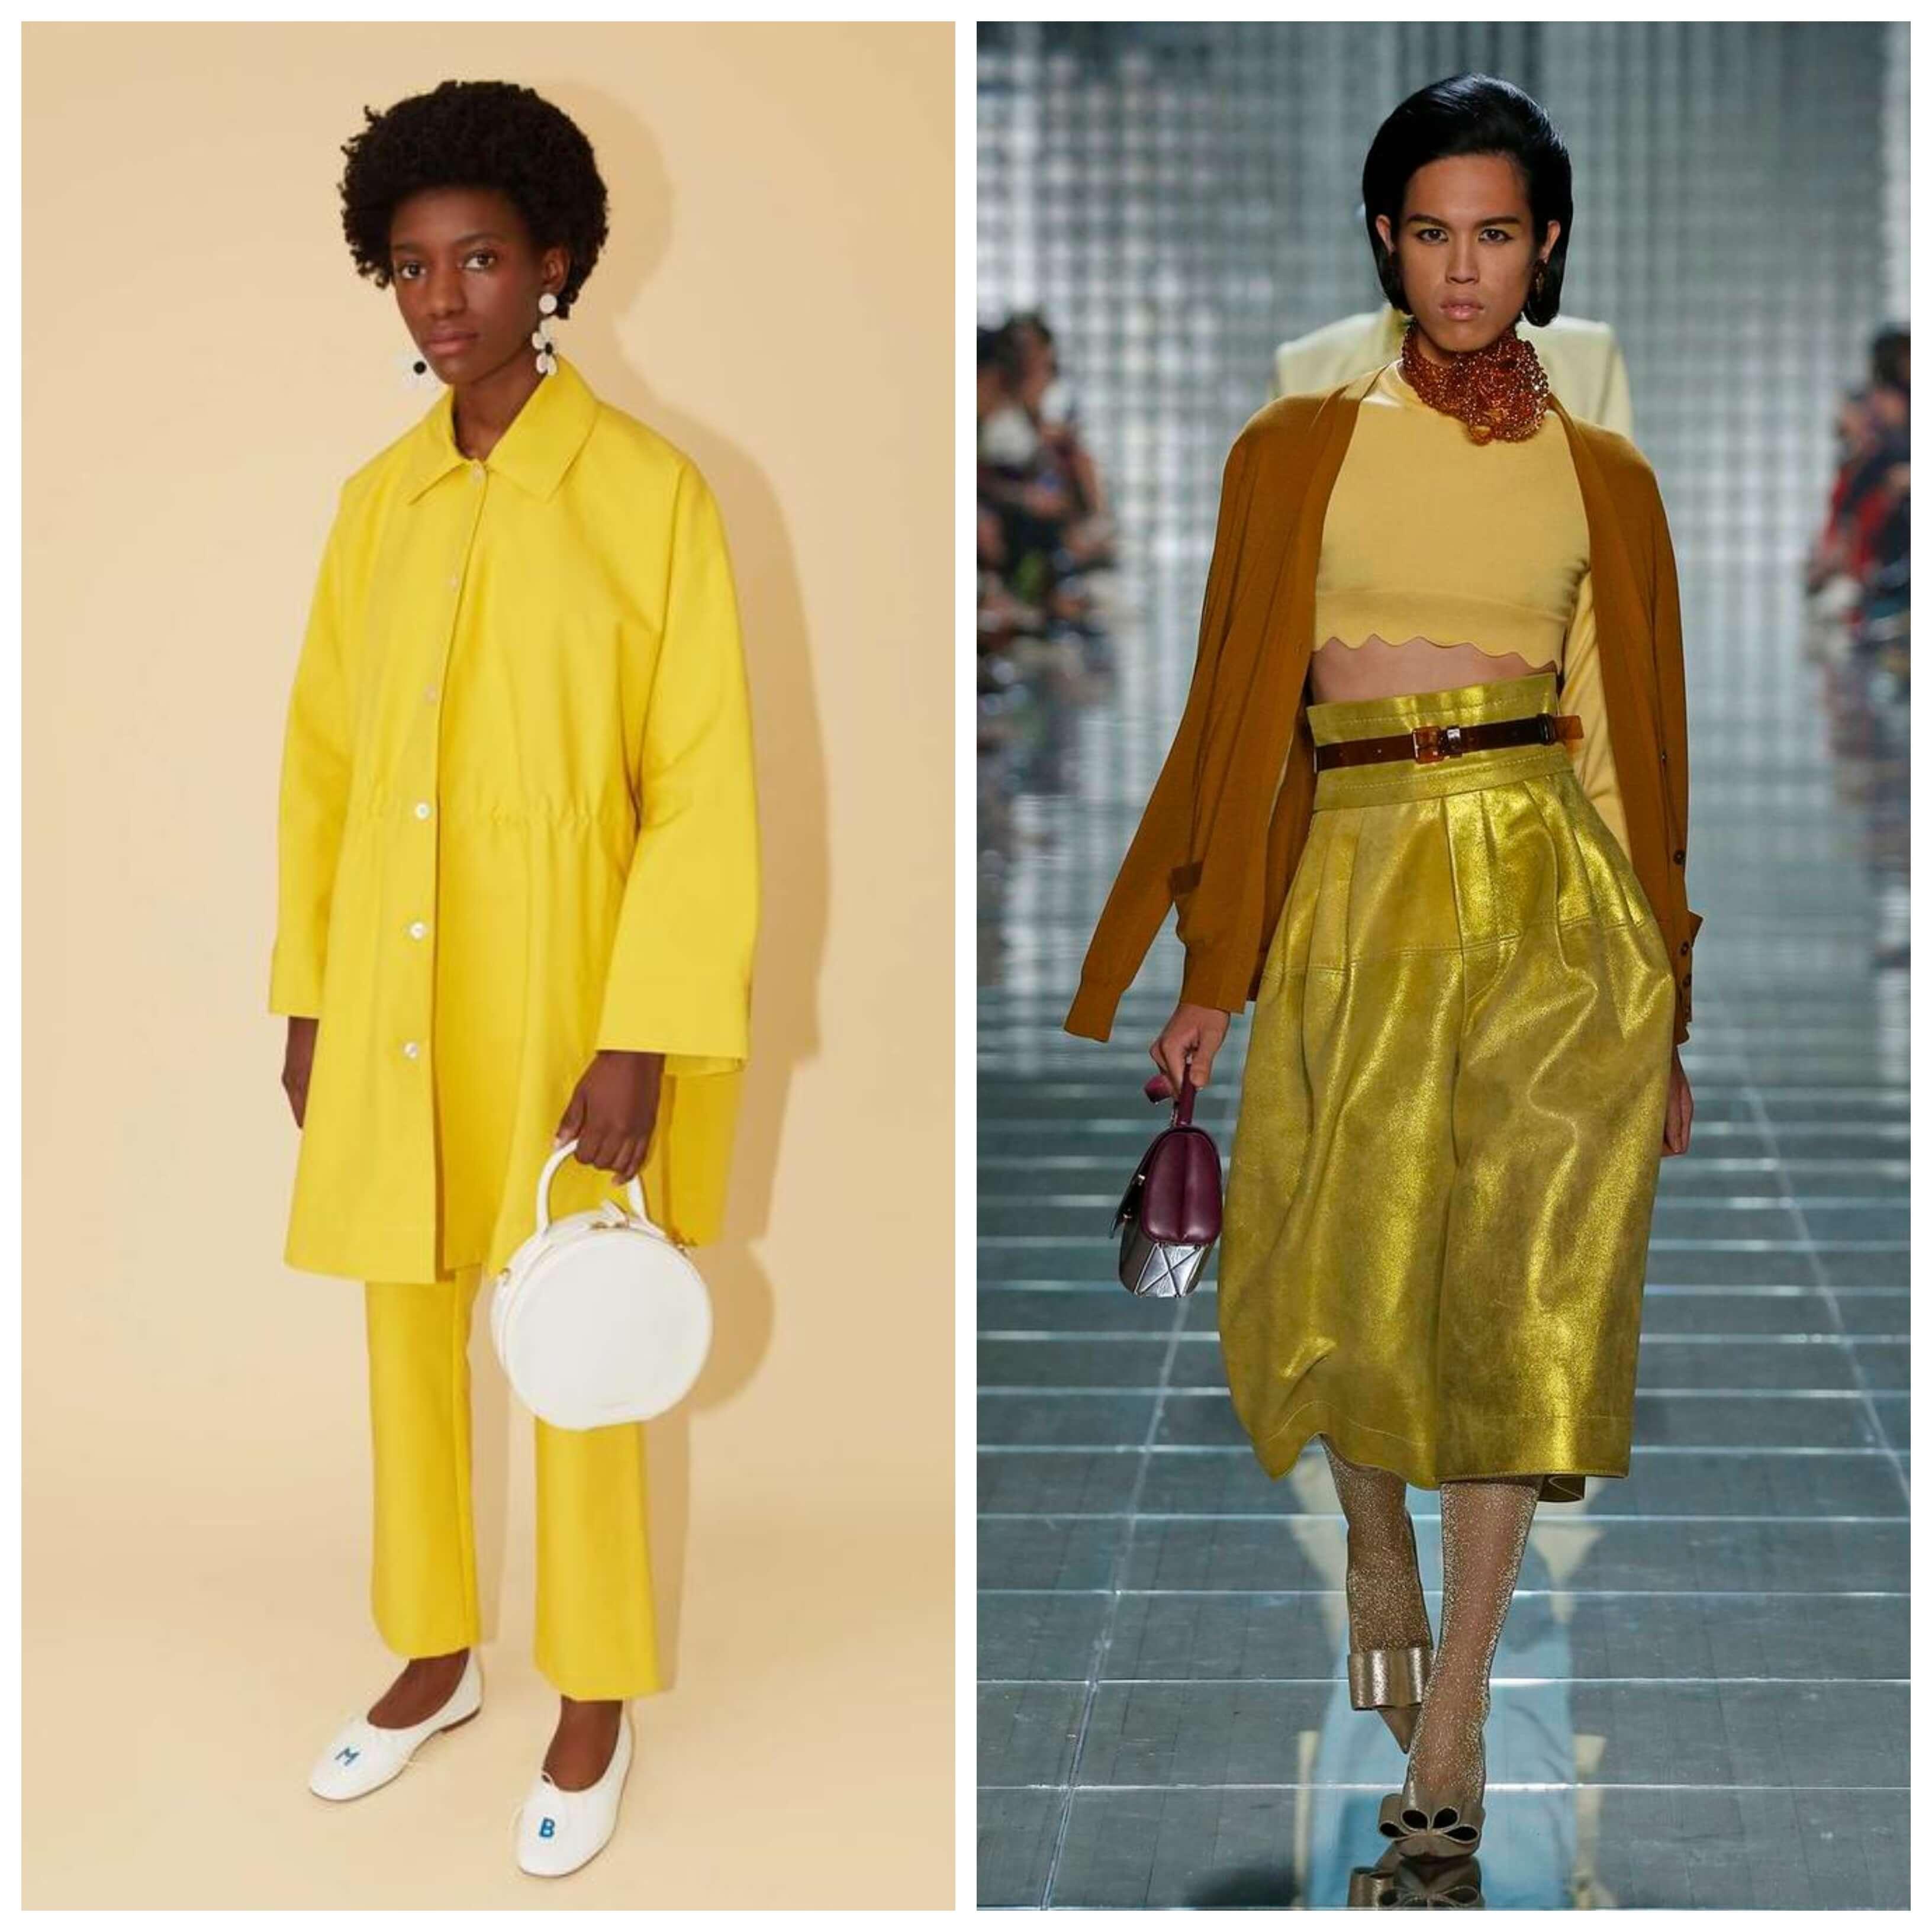 Amarillo y lima, colores de moda en el 2019.